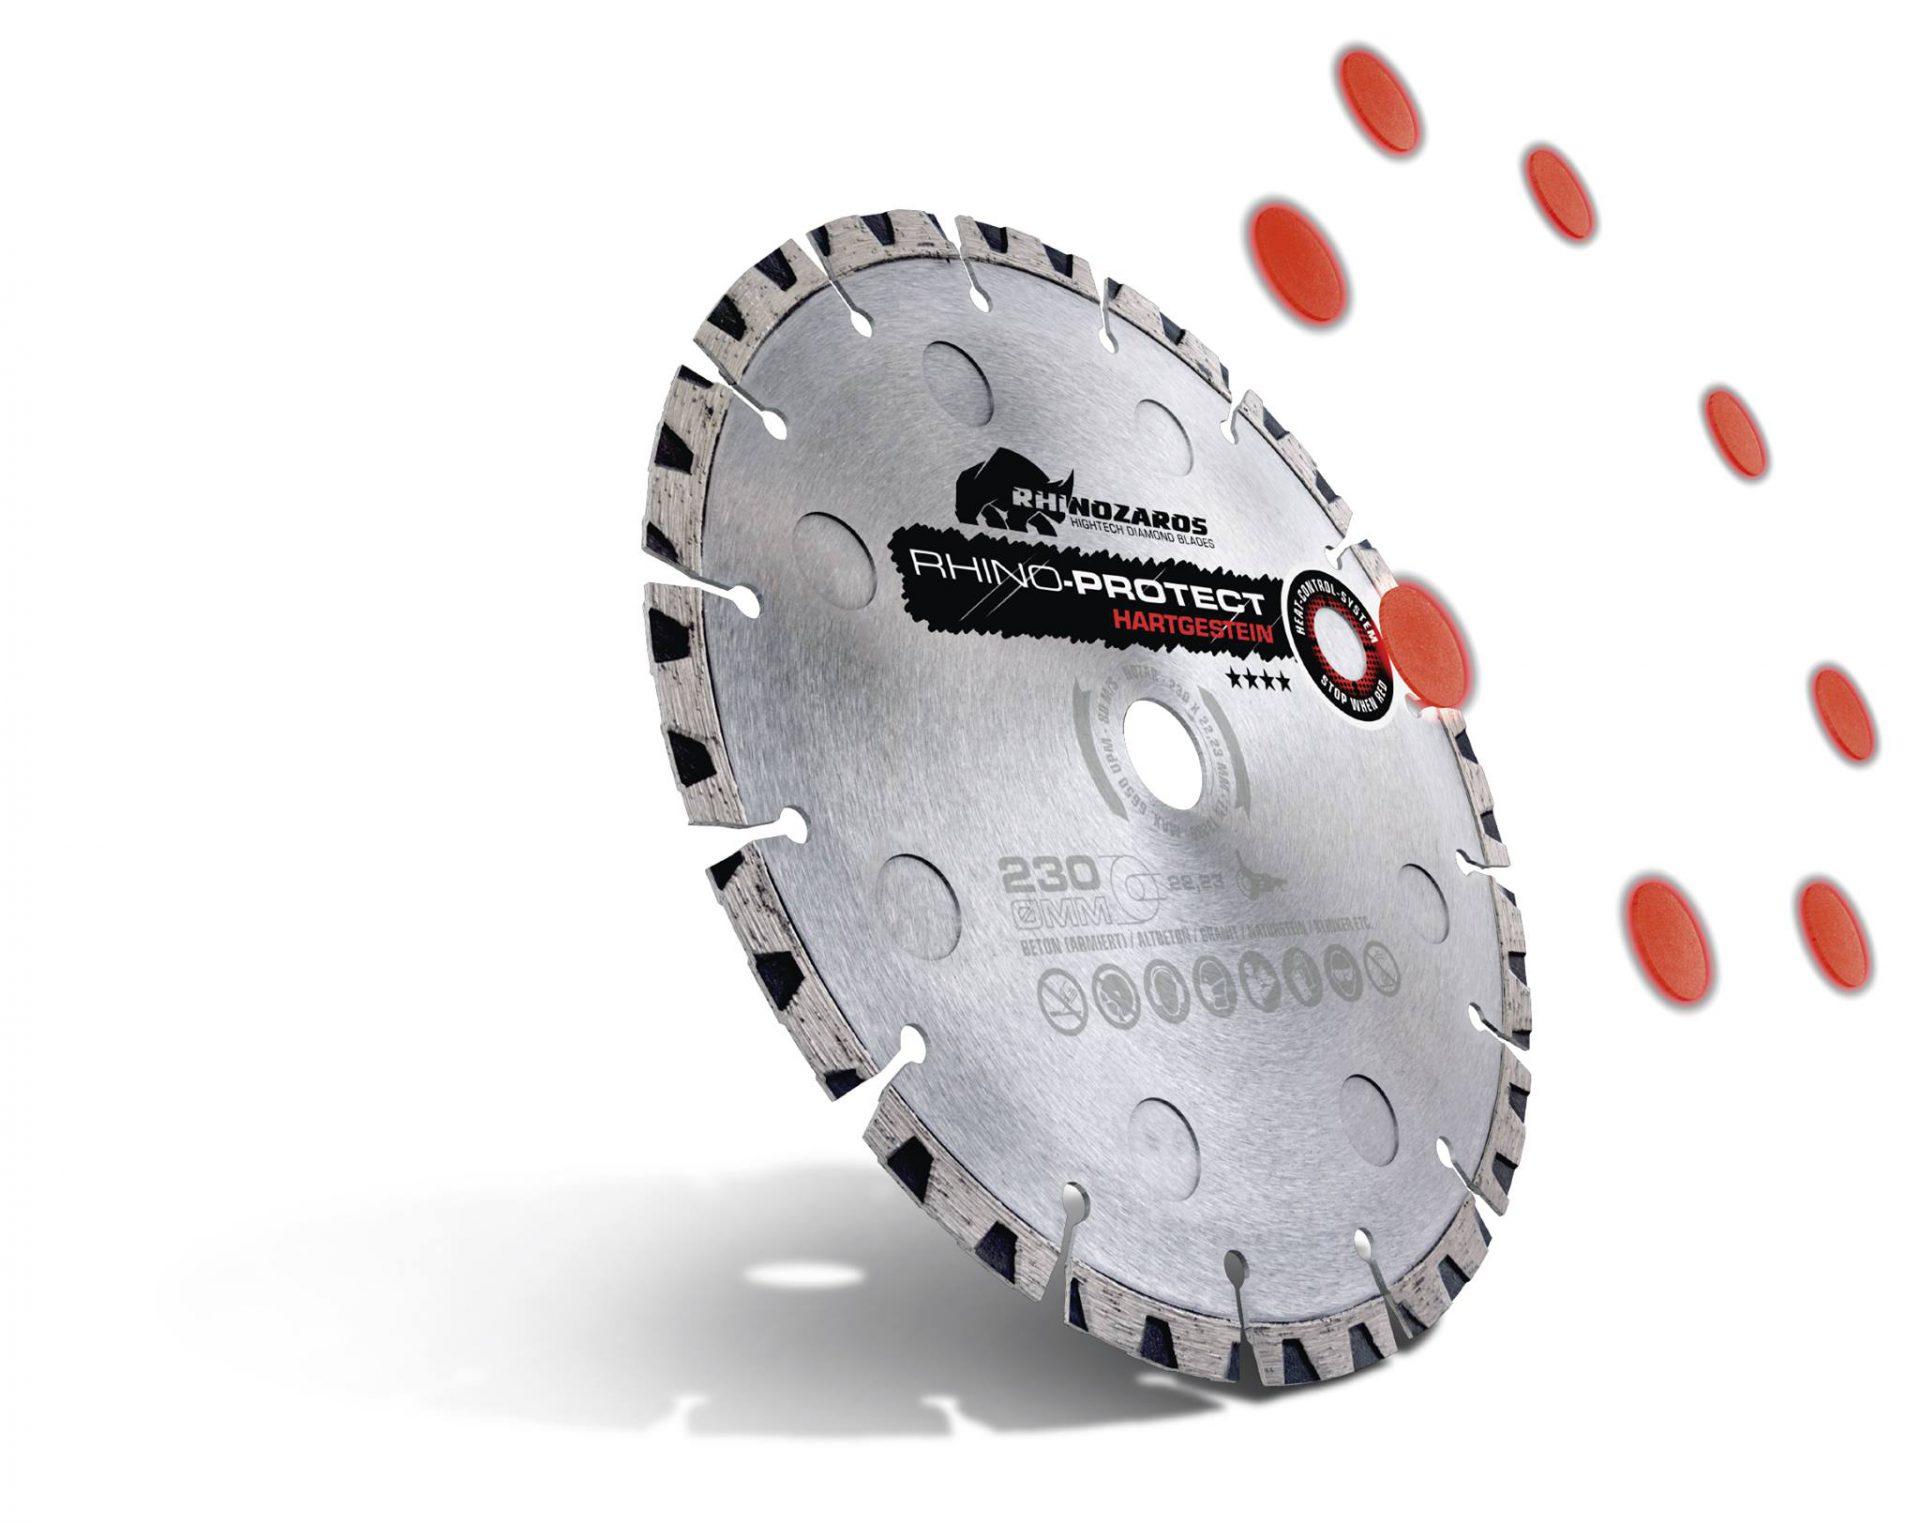 Diamantzaagblad-laser-segment-nozar-rhino-protect-hcs-universeel-zaag-blad-voorden